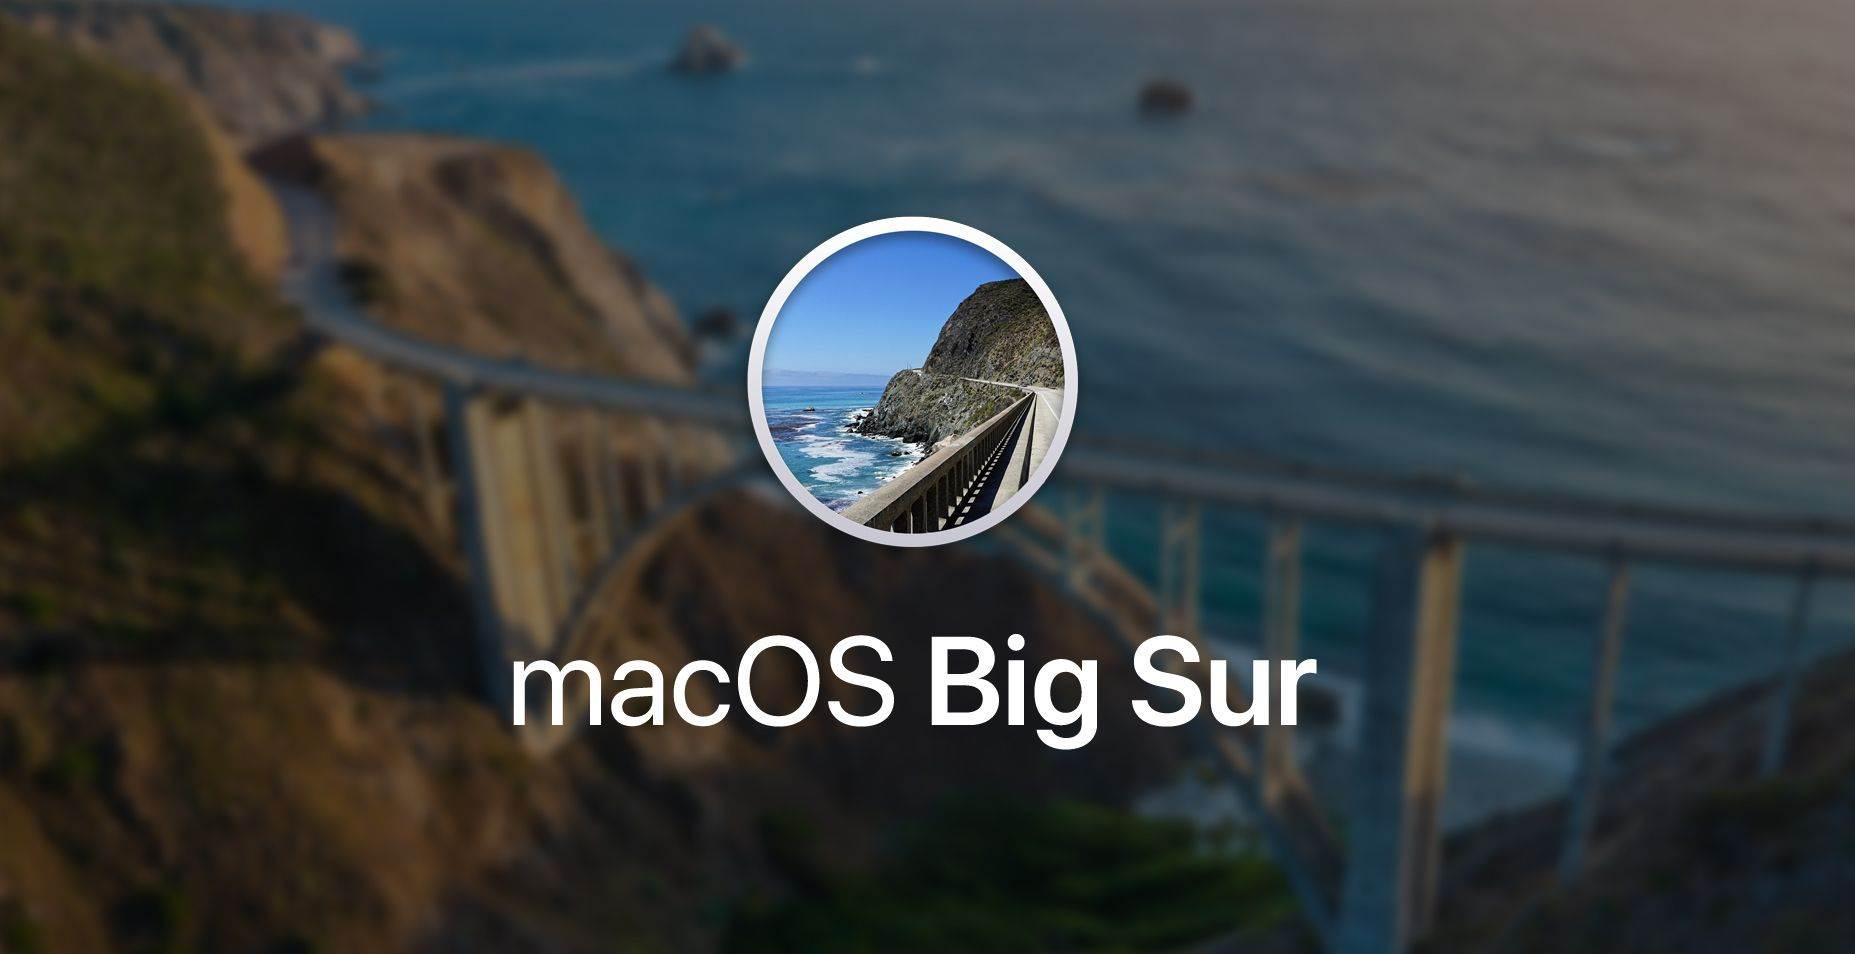 L0vetodream zdradza nazwę nowego systemu macOS 10.16 polecane, ciekawostki nazwa nowego systemu macOS, macOS Big Sur, macOS 10.16, Apple  Dziś wraz z iOS 14, iPadOS 14, watchOS 7, Apple zaprezentuje światu także macOS 10.16. Jaką nazwę otrzyma nowy system? Użytkownik @L0vetodream odpowiada na to pytanie. macOS big bur